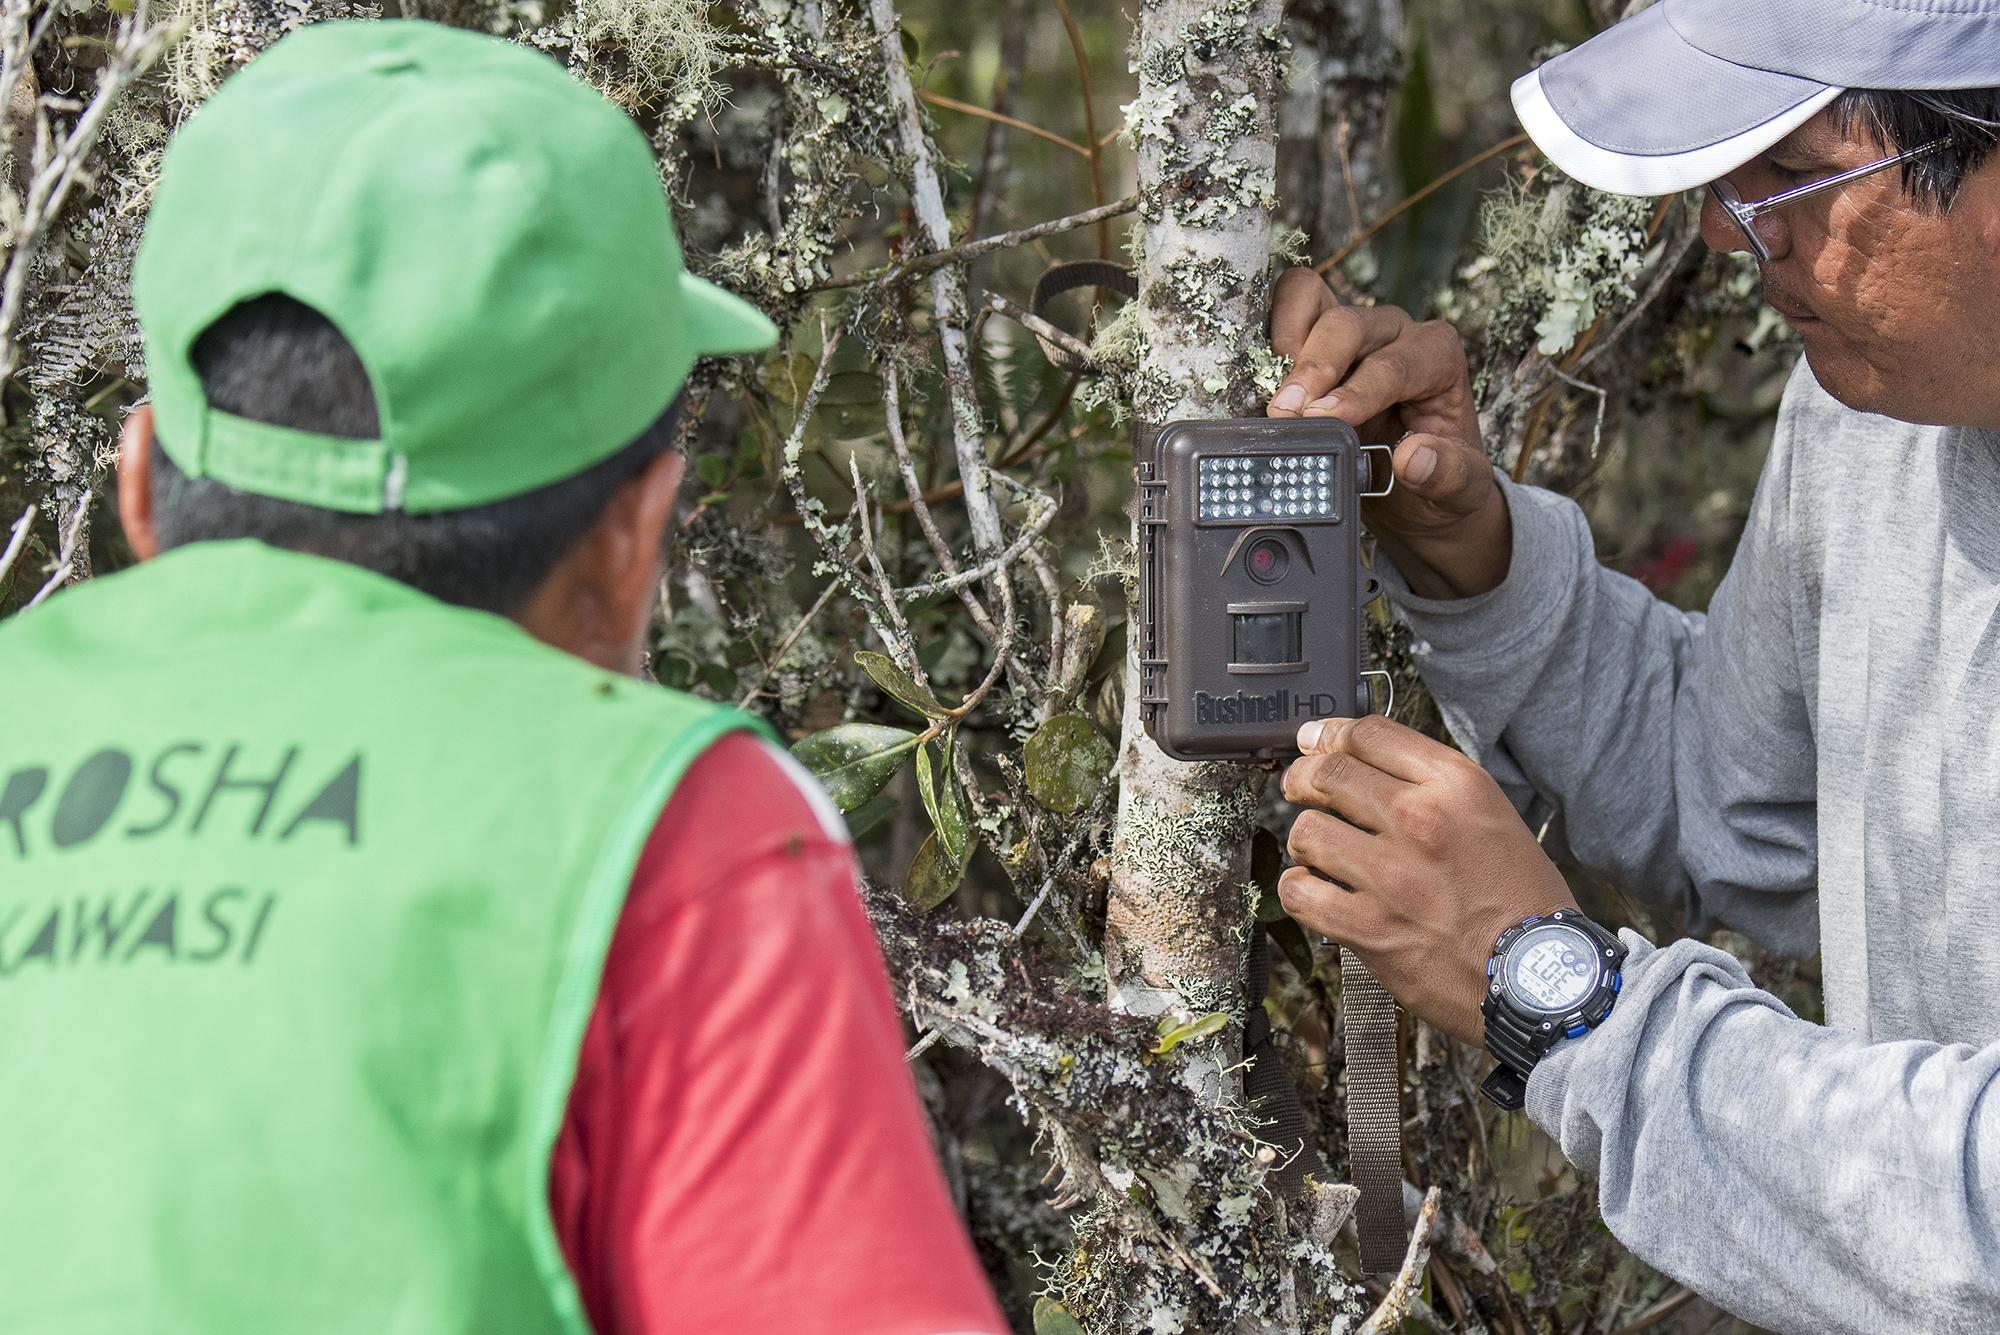 Seis cámaras trampa han sido instaladas en el territorio de la región Amazonas donde habitan los ojos de anteojos. Foto: Michael Tweddle.